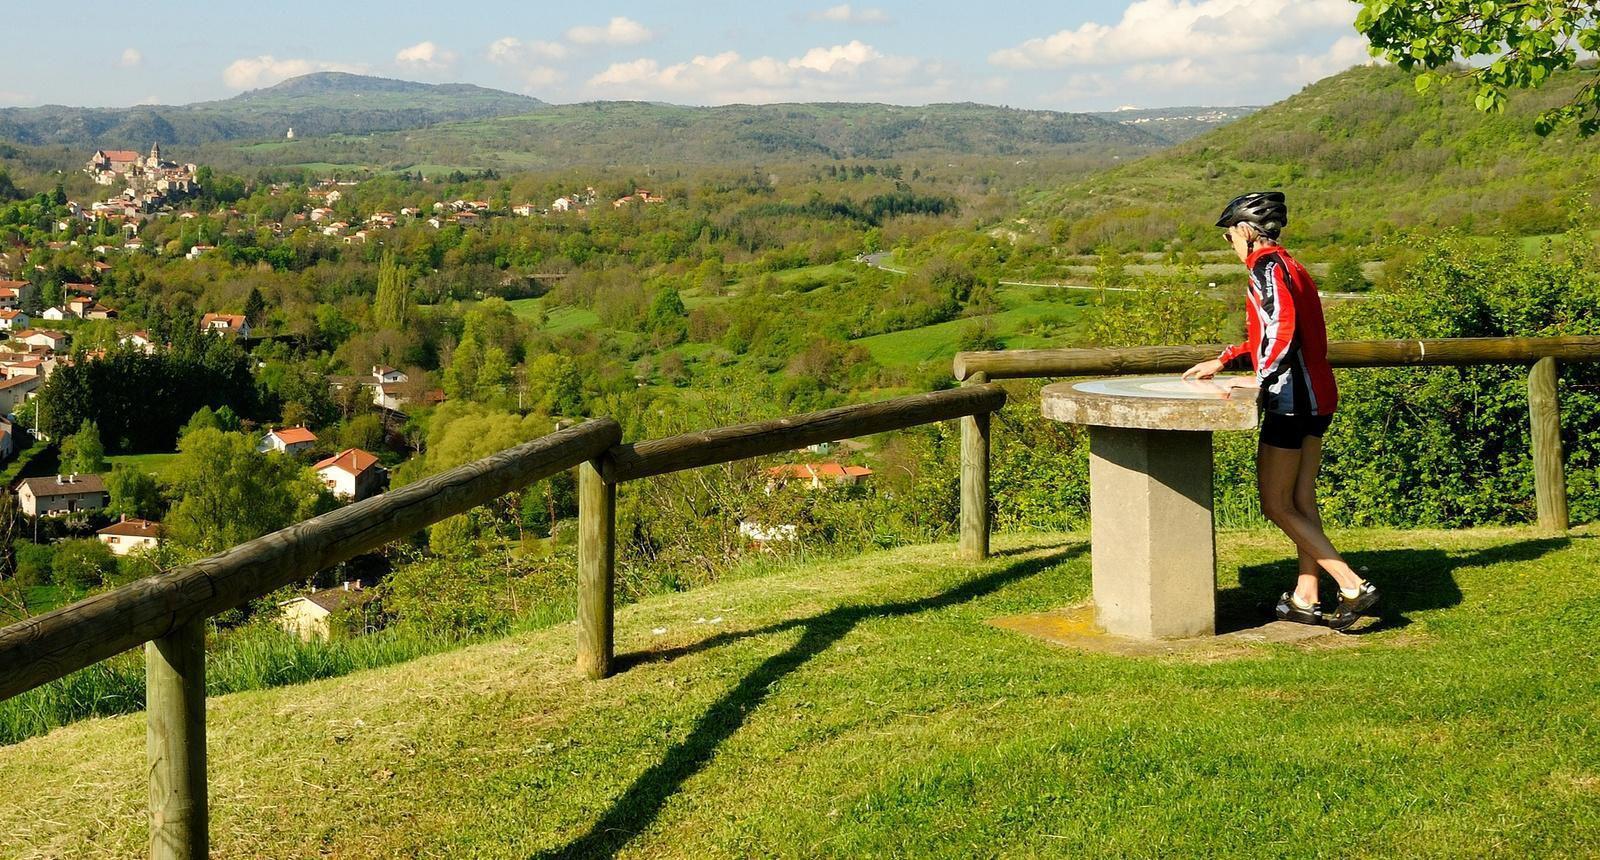 VTT à Saint-Saturnin (Limagne, Auvergne)